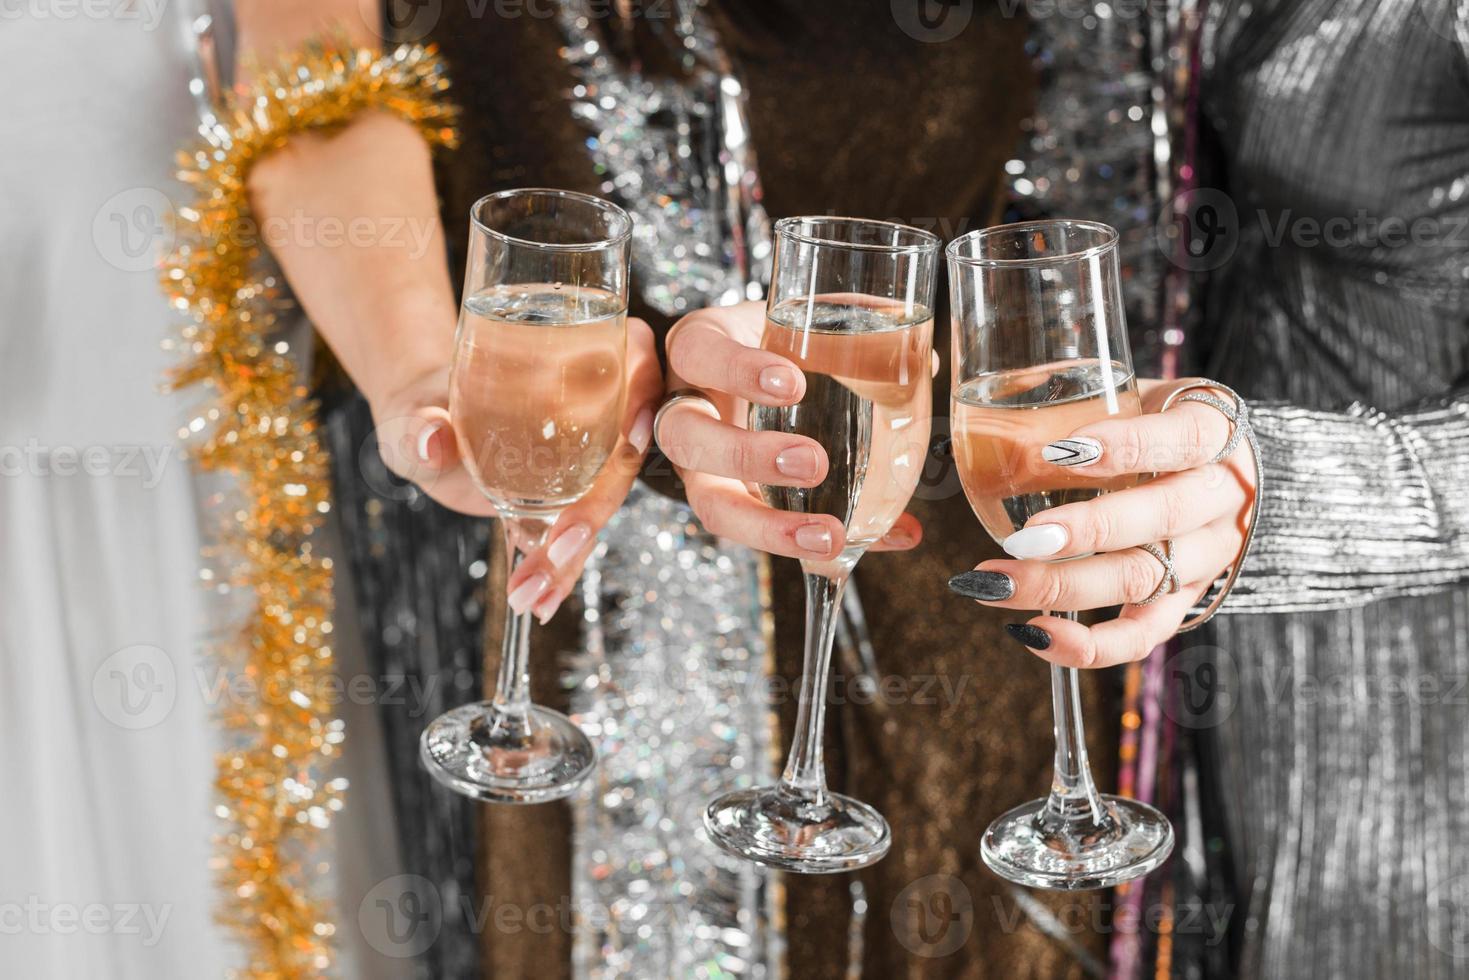 chicas elegantes brindando con champán foto